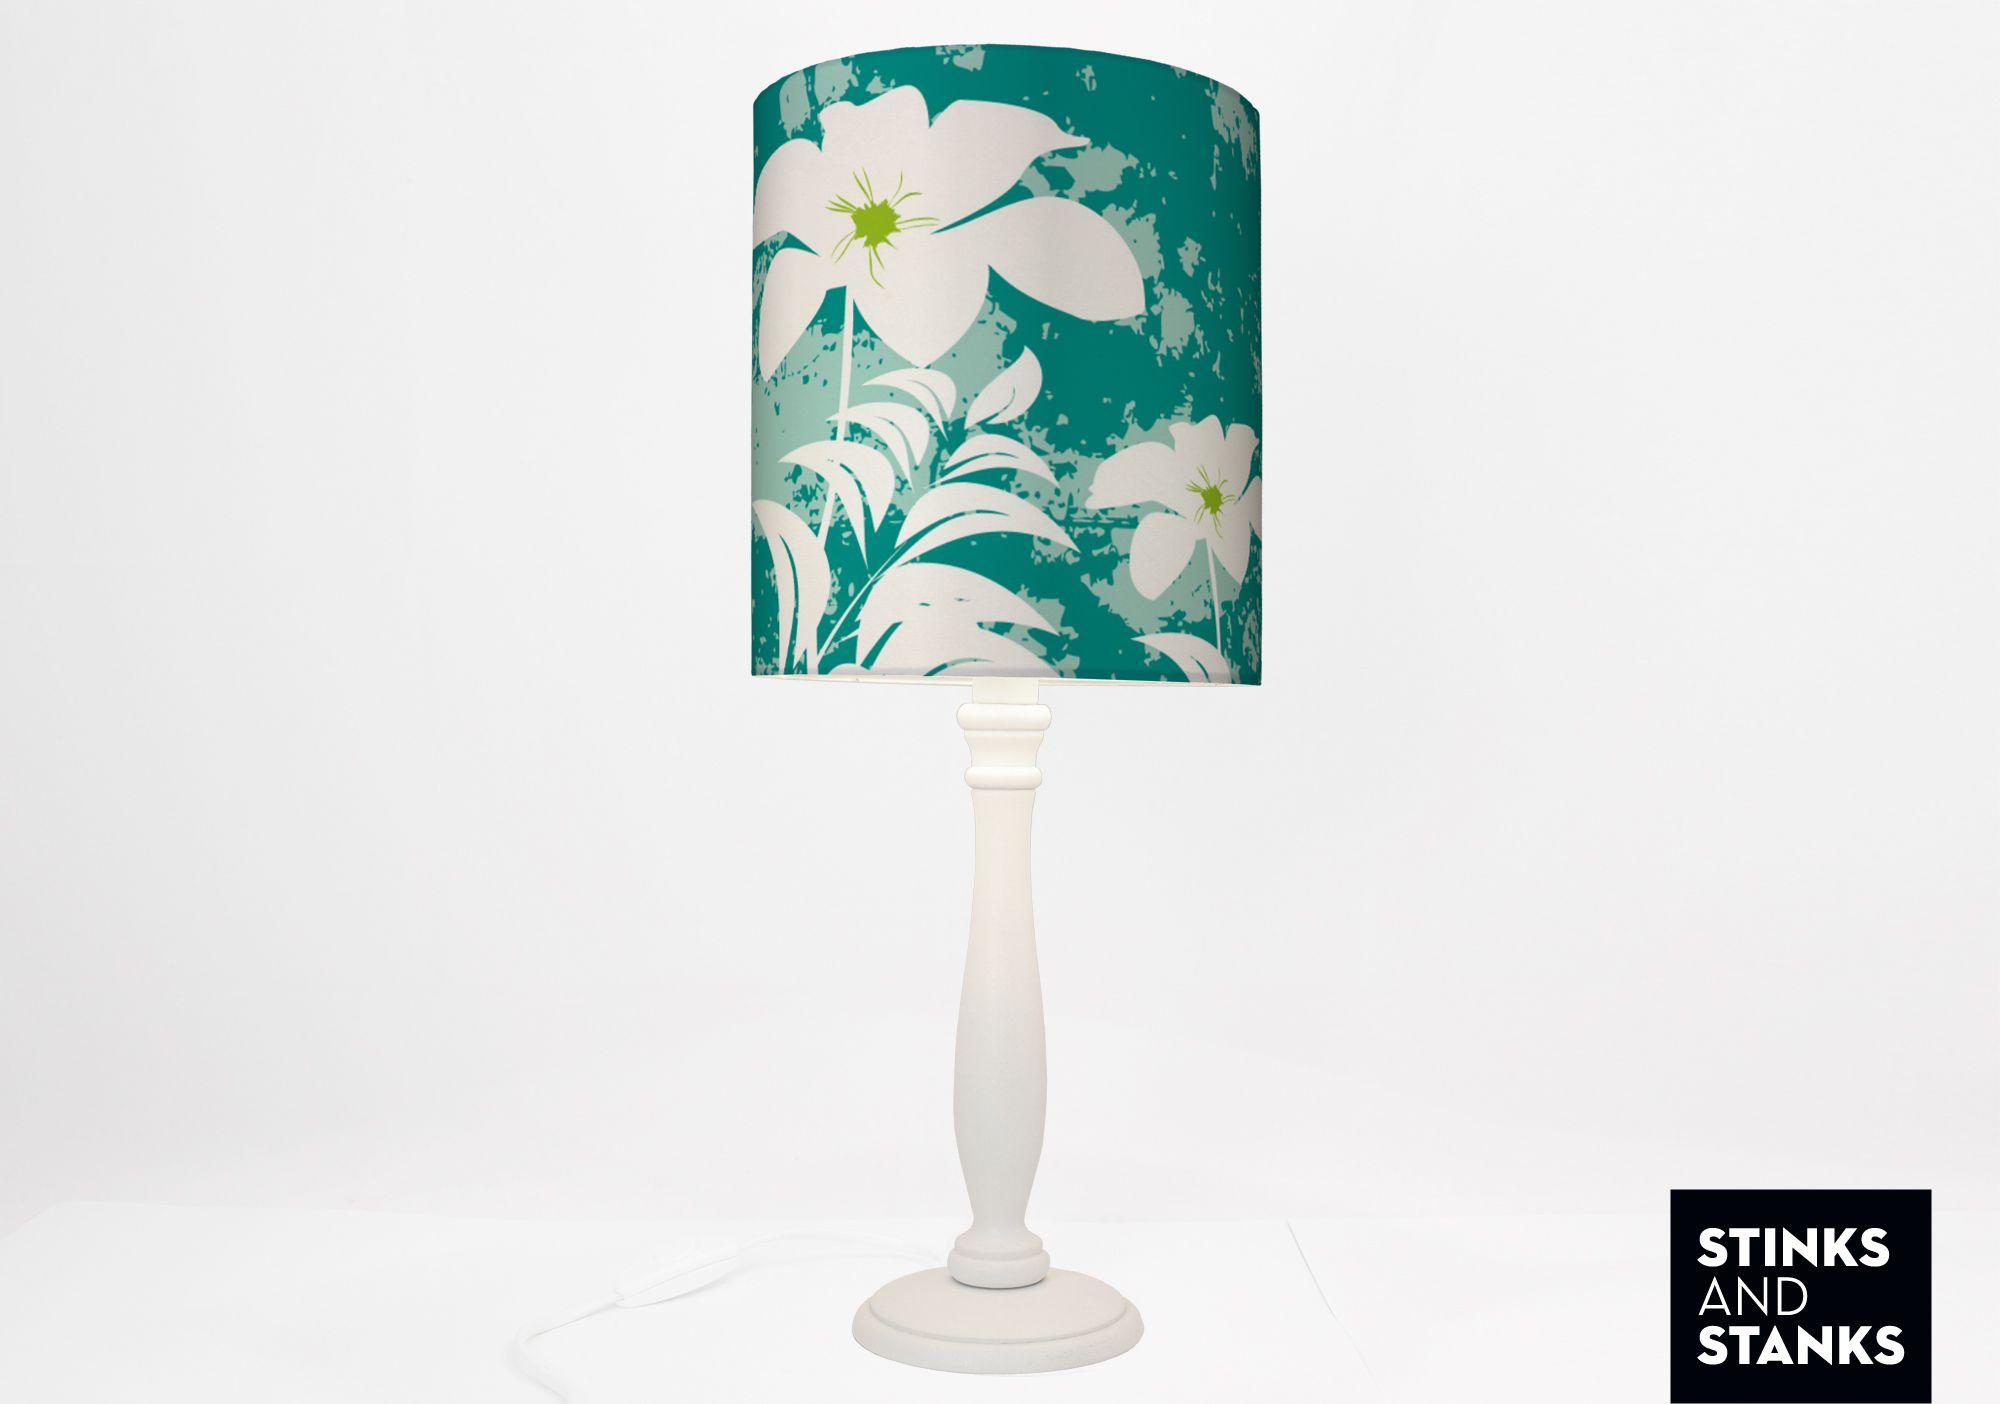 Geräumig Coole Nachttischlampe Referenz Von Mit Blumen Motiv In Türkis Von Stinksandstanks,